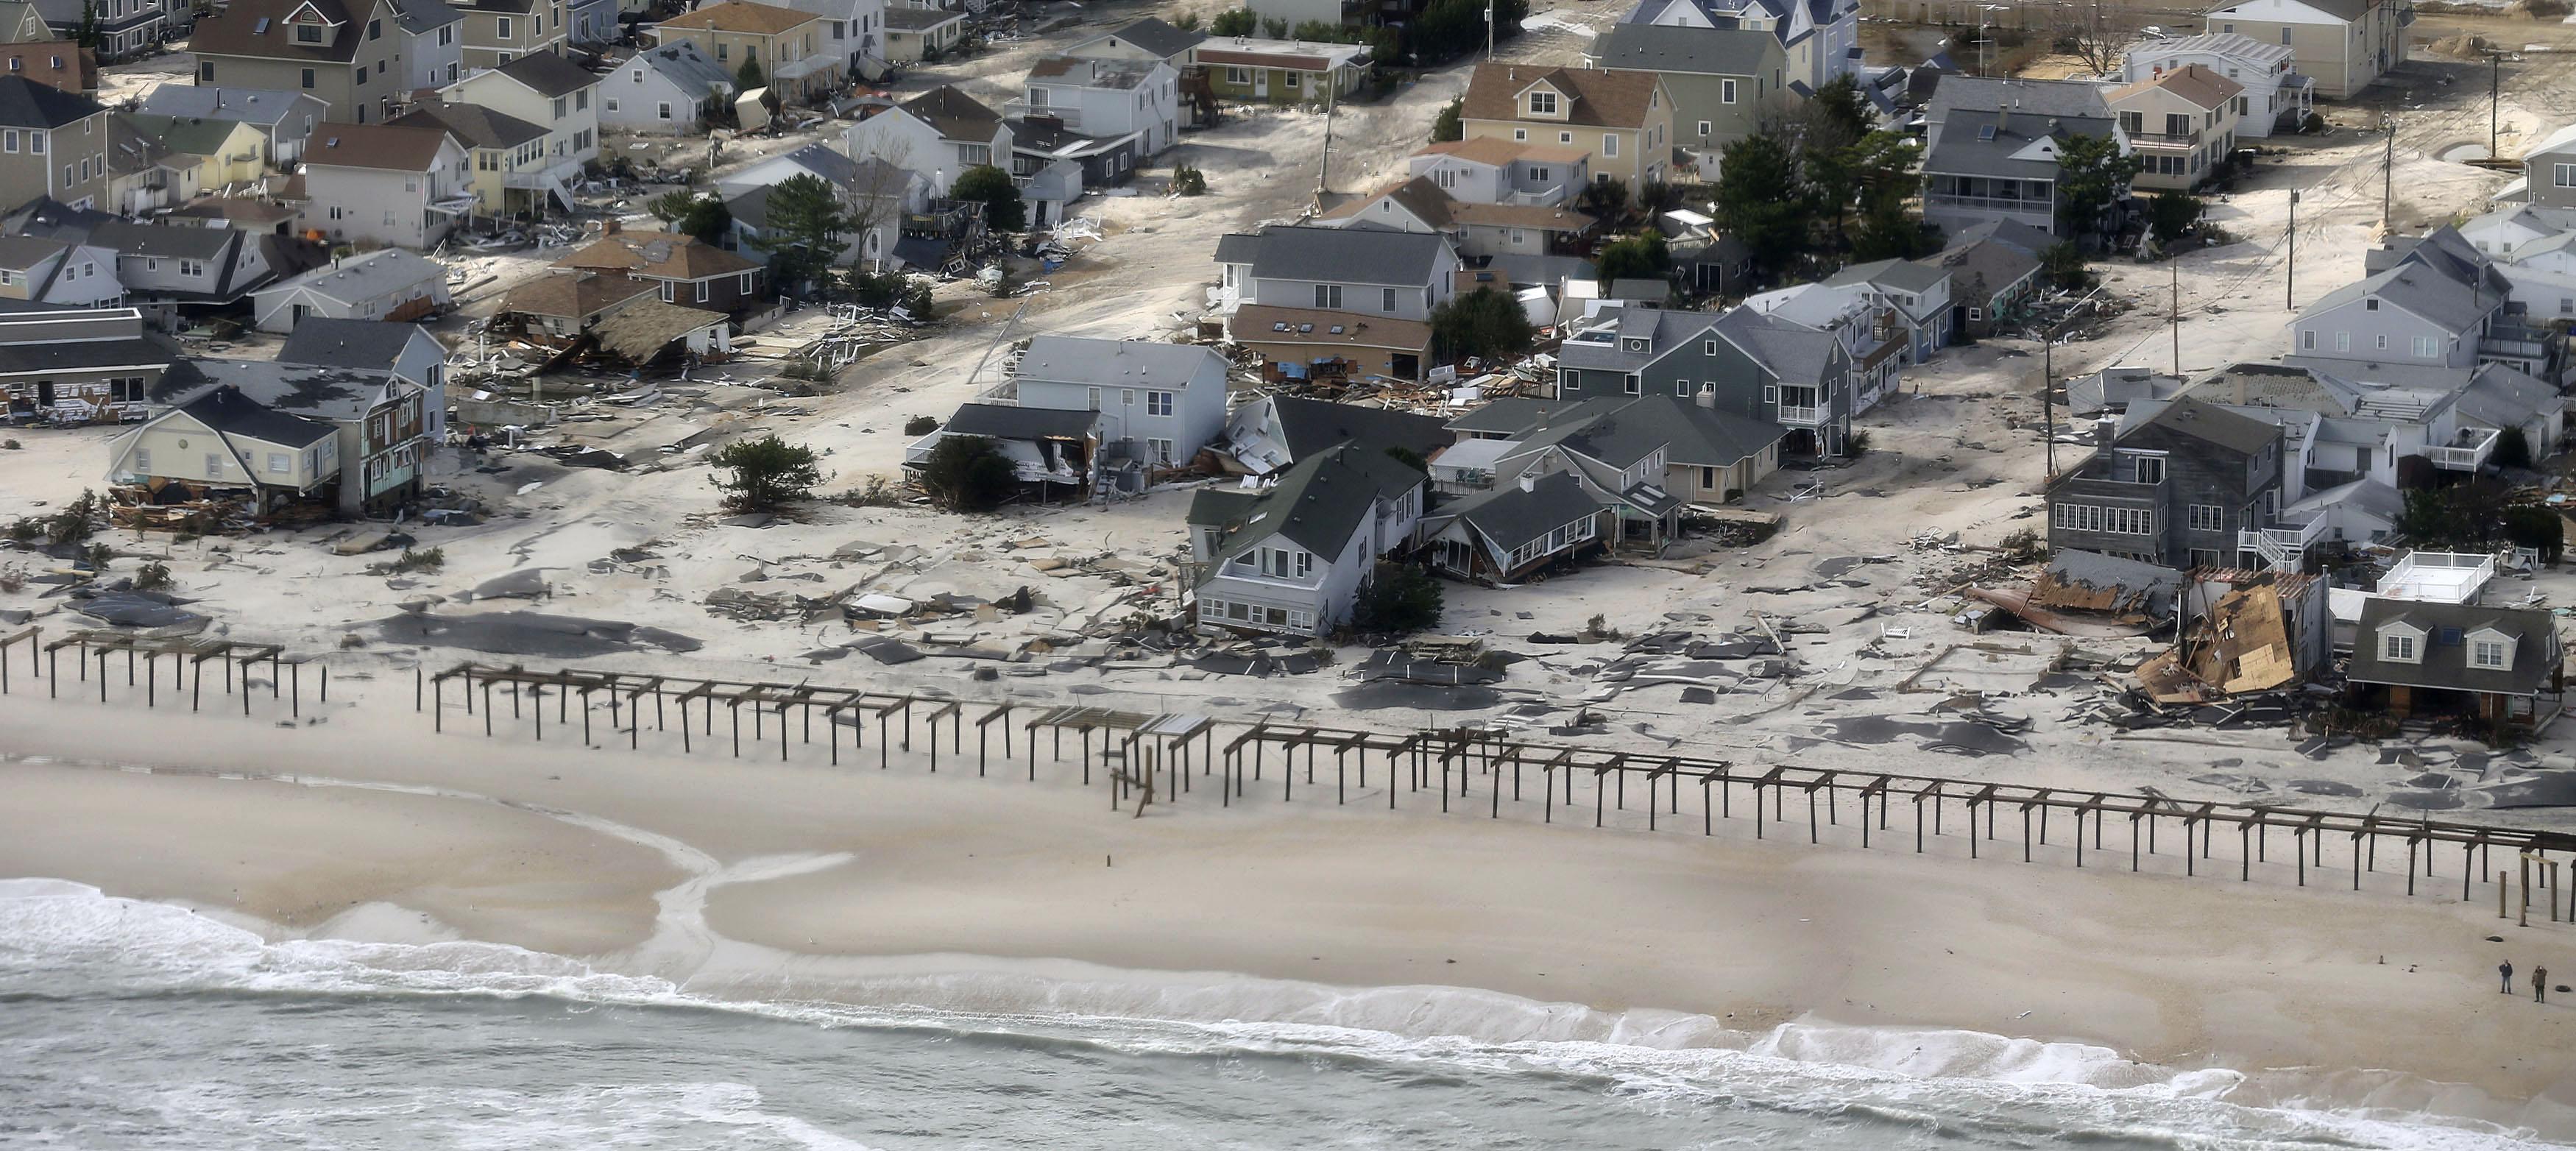 FOTOS: así se ven desde el aire los daños causados por el huracán Sandy en Nueva Jersey